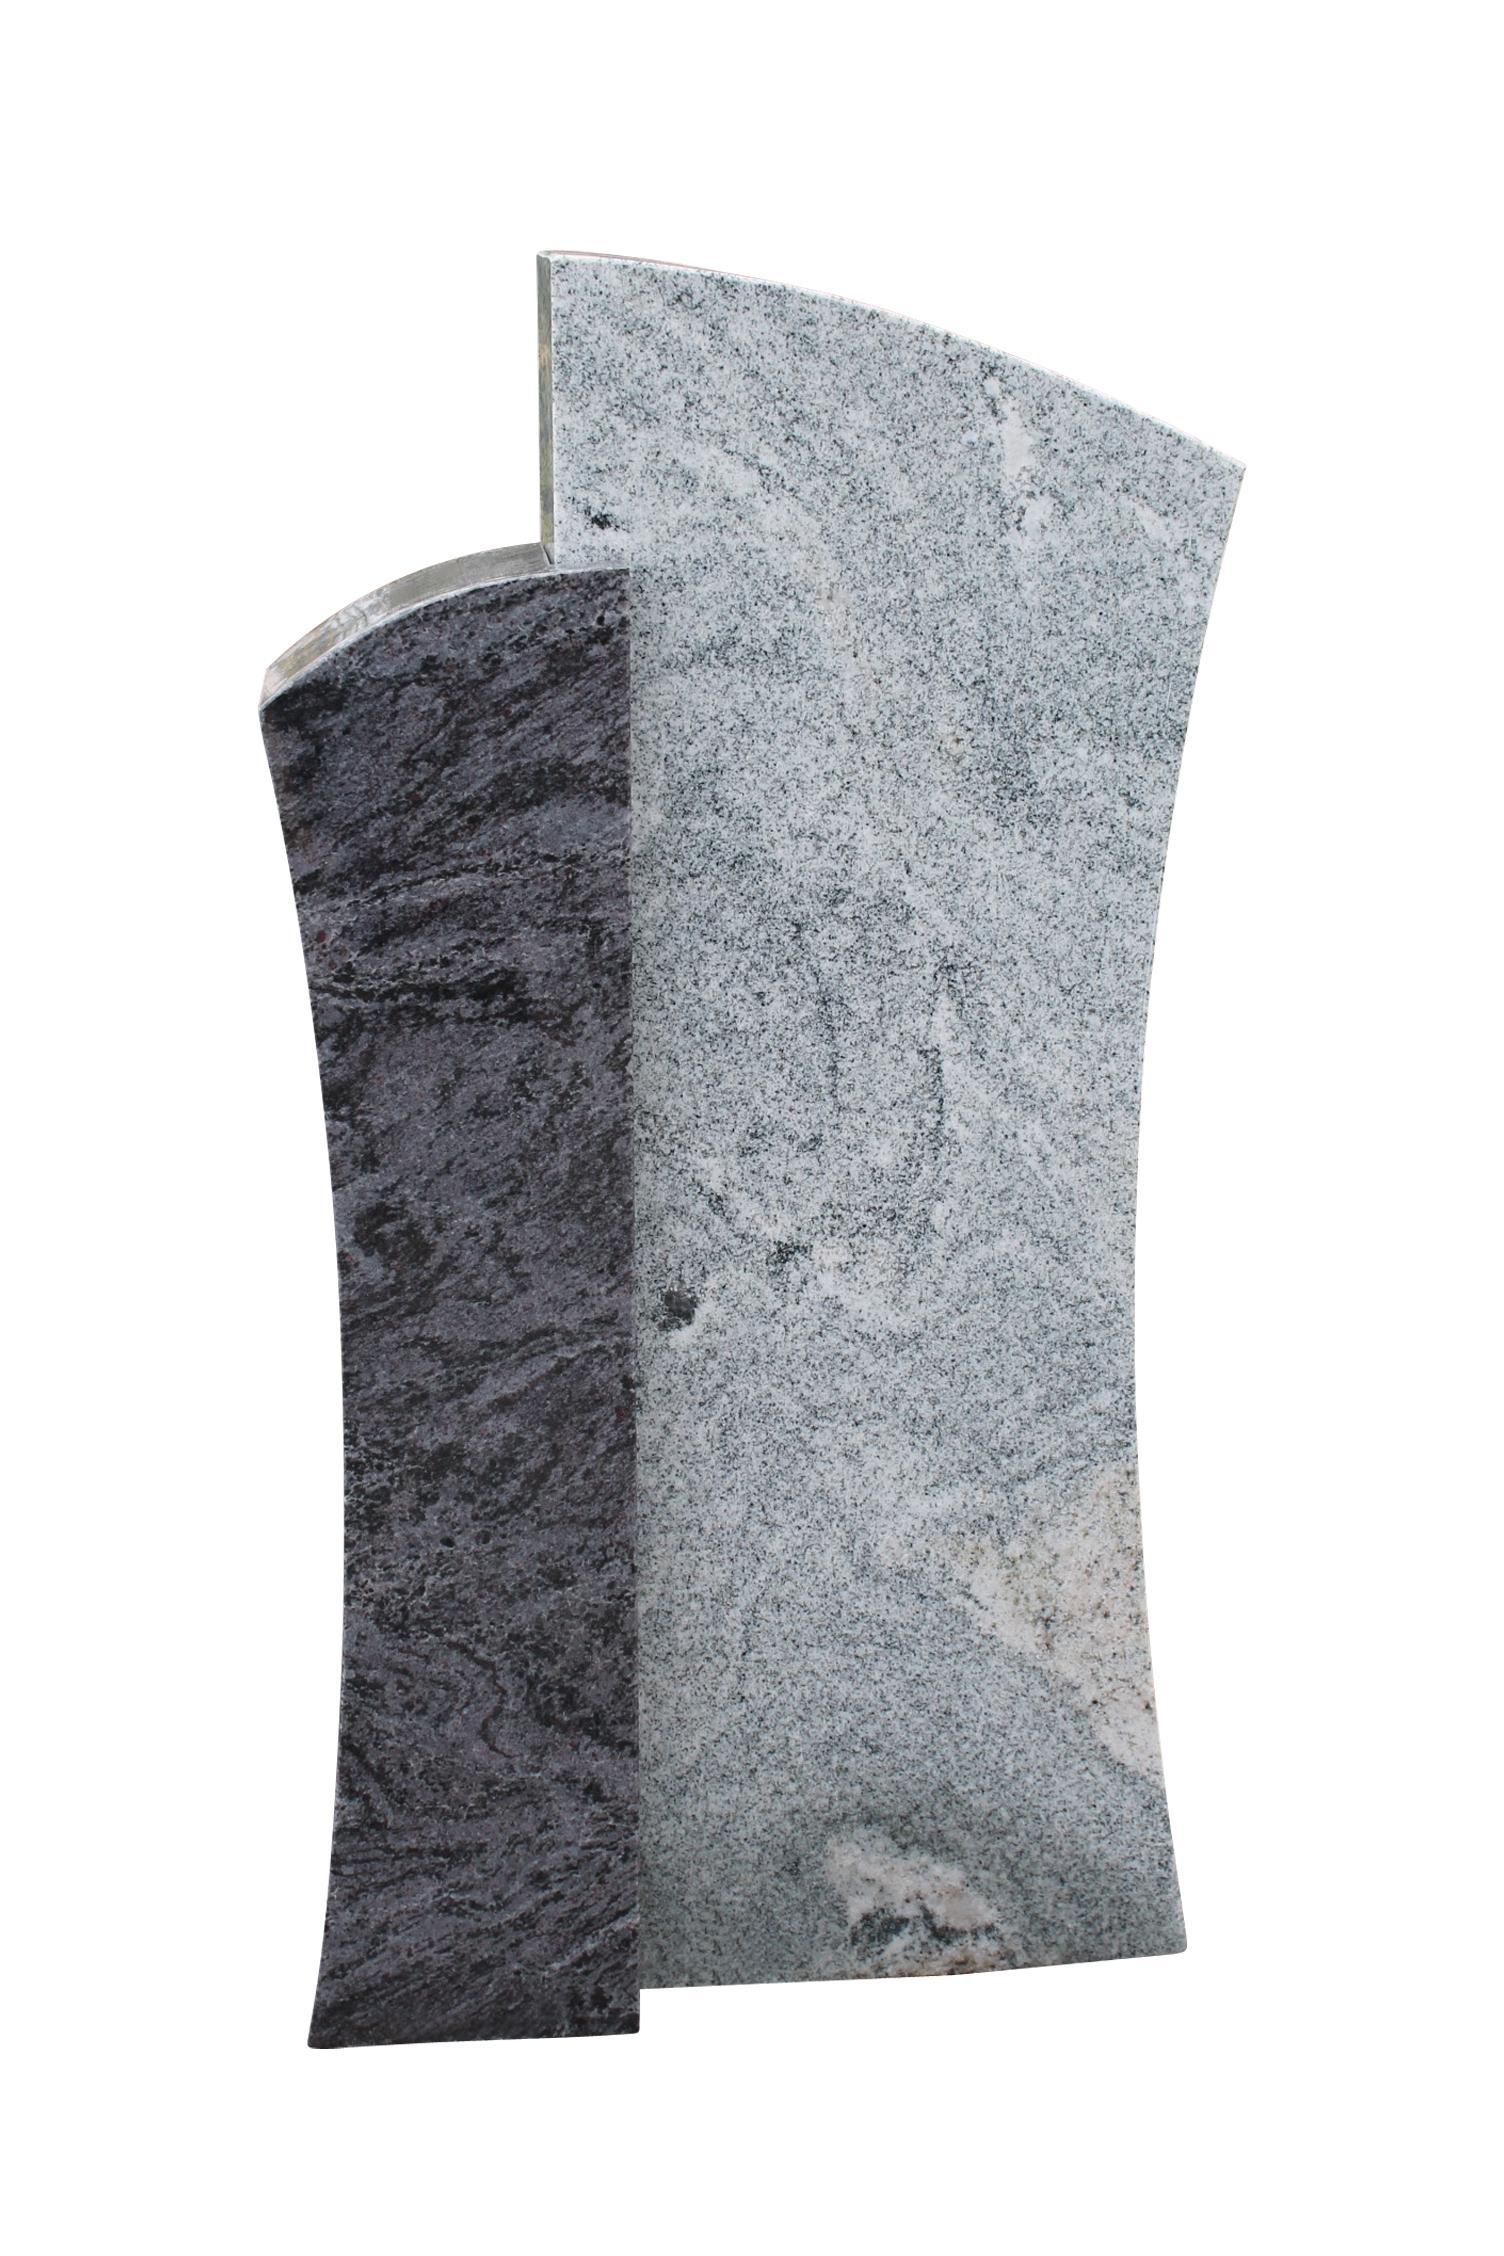 Grabstein Einzelgrab Grabanlage Grabmalshop24